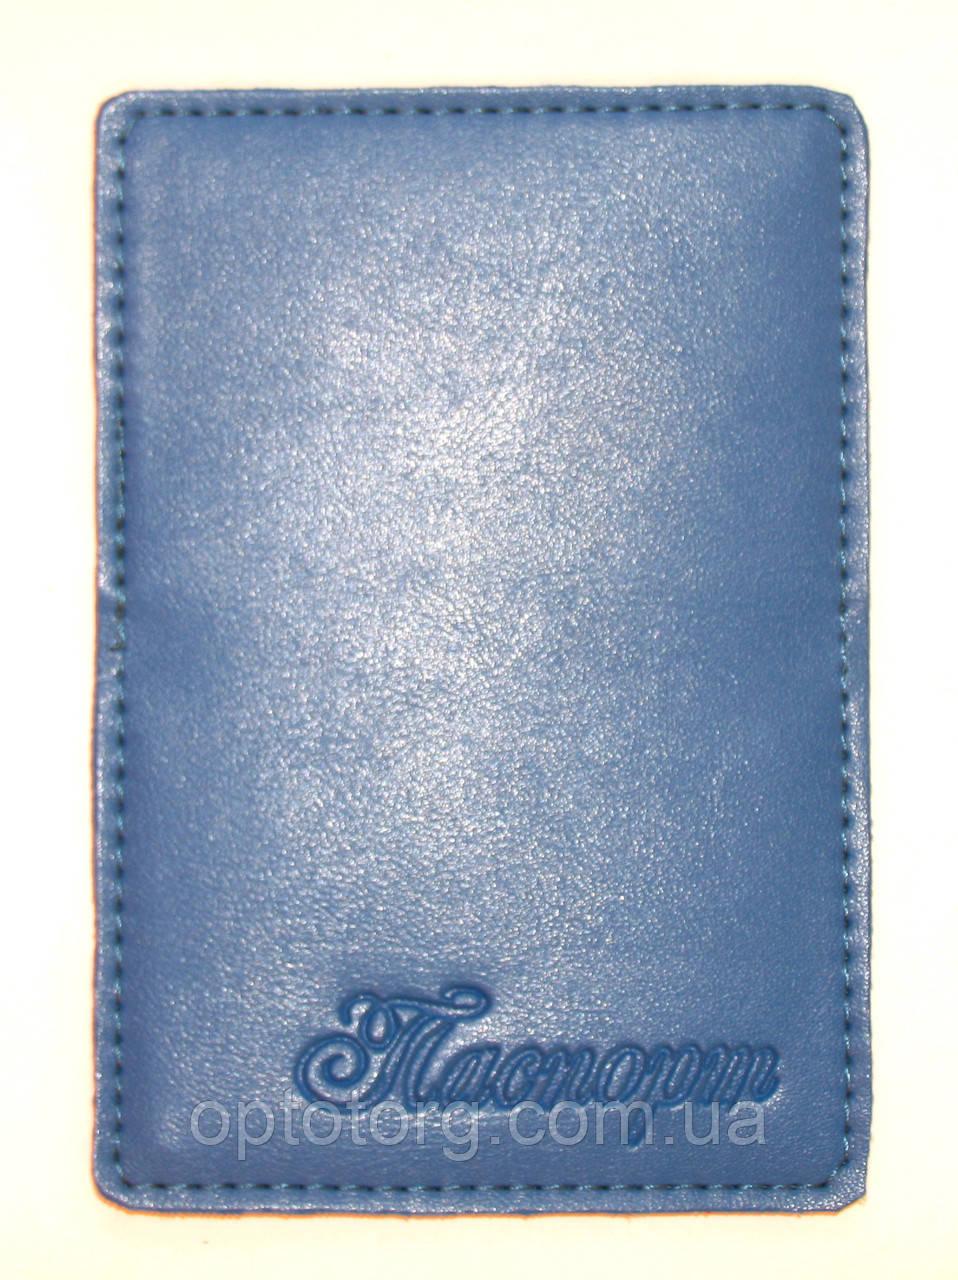 Обложка Синяя для нового паспорта (карточки id) из эко кожи, фото 1